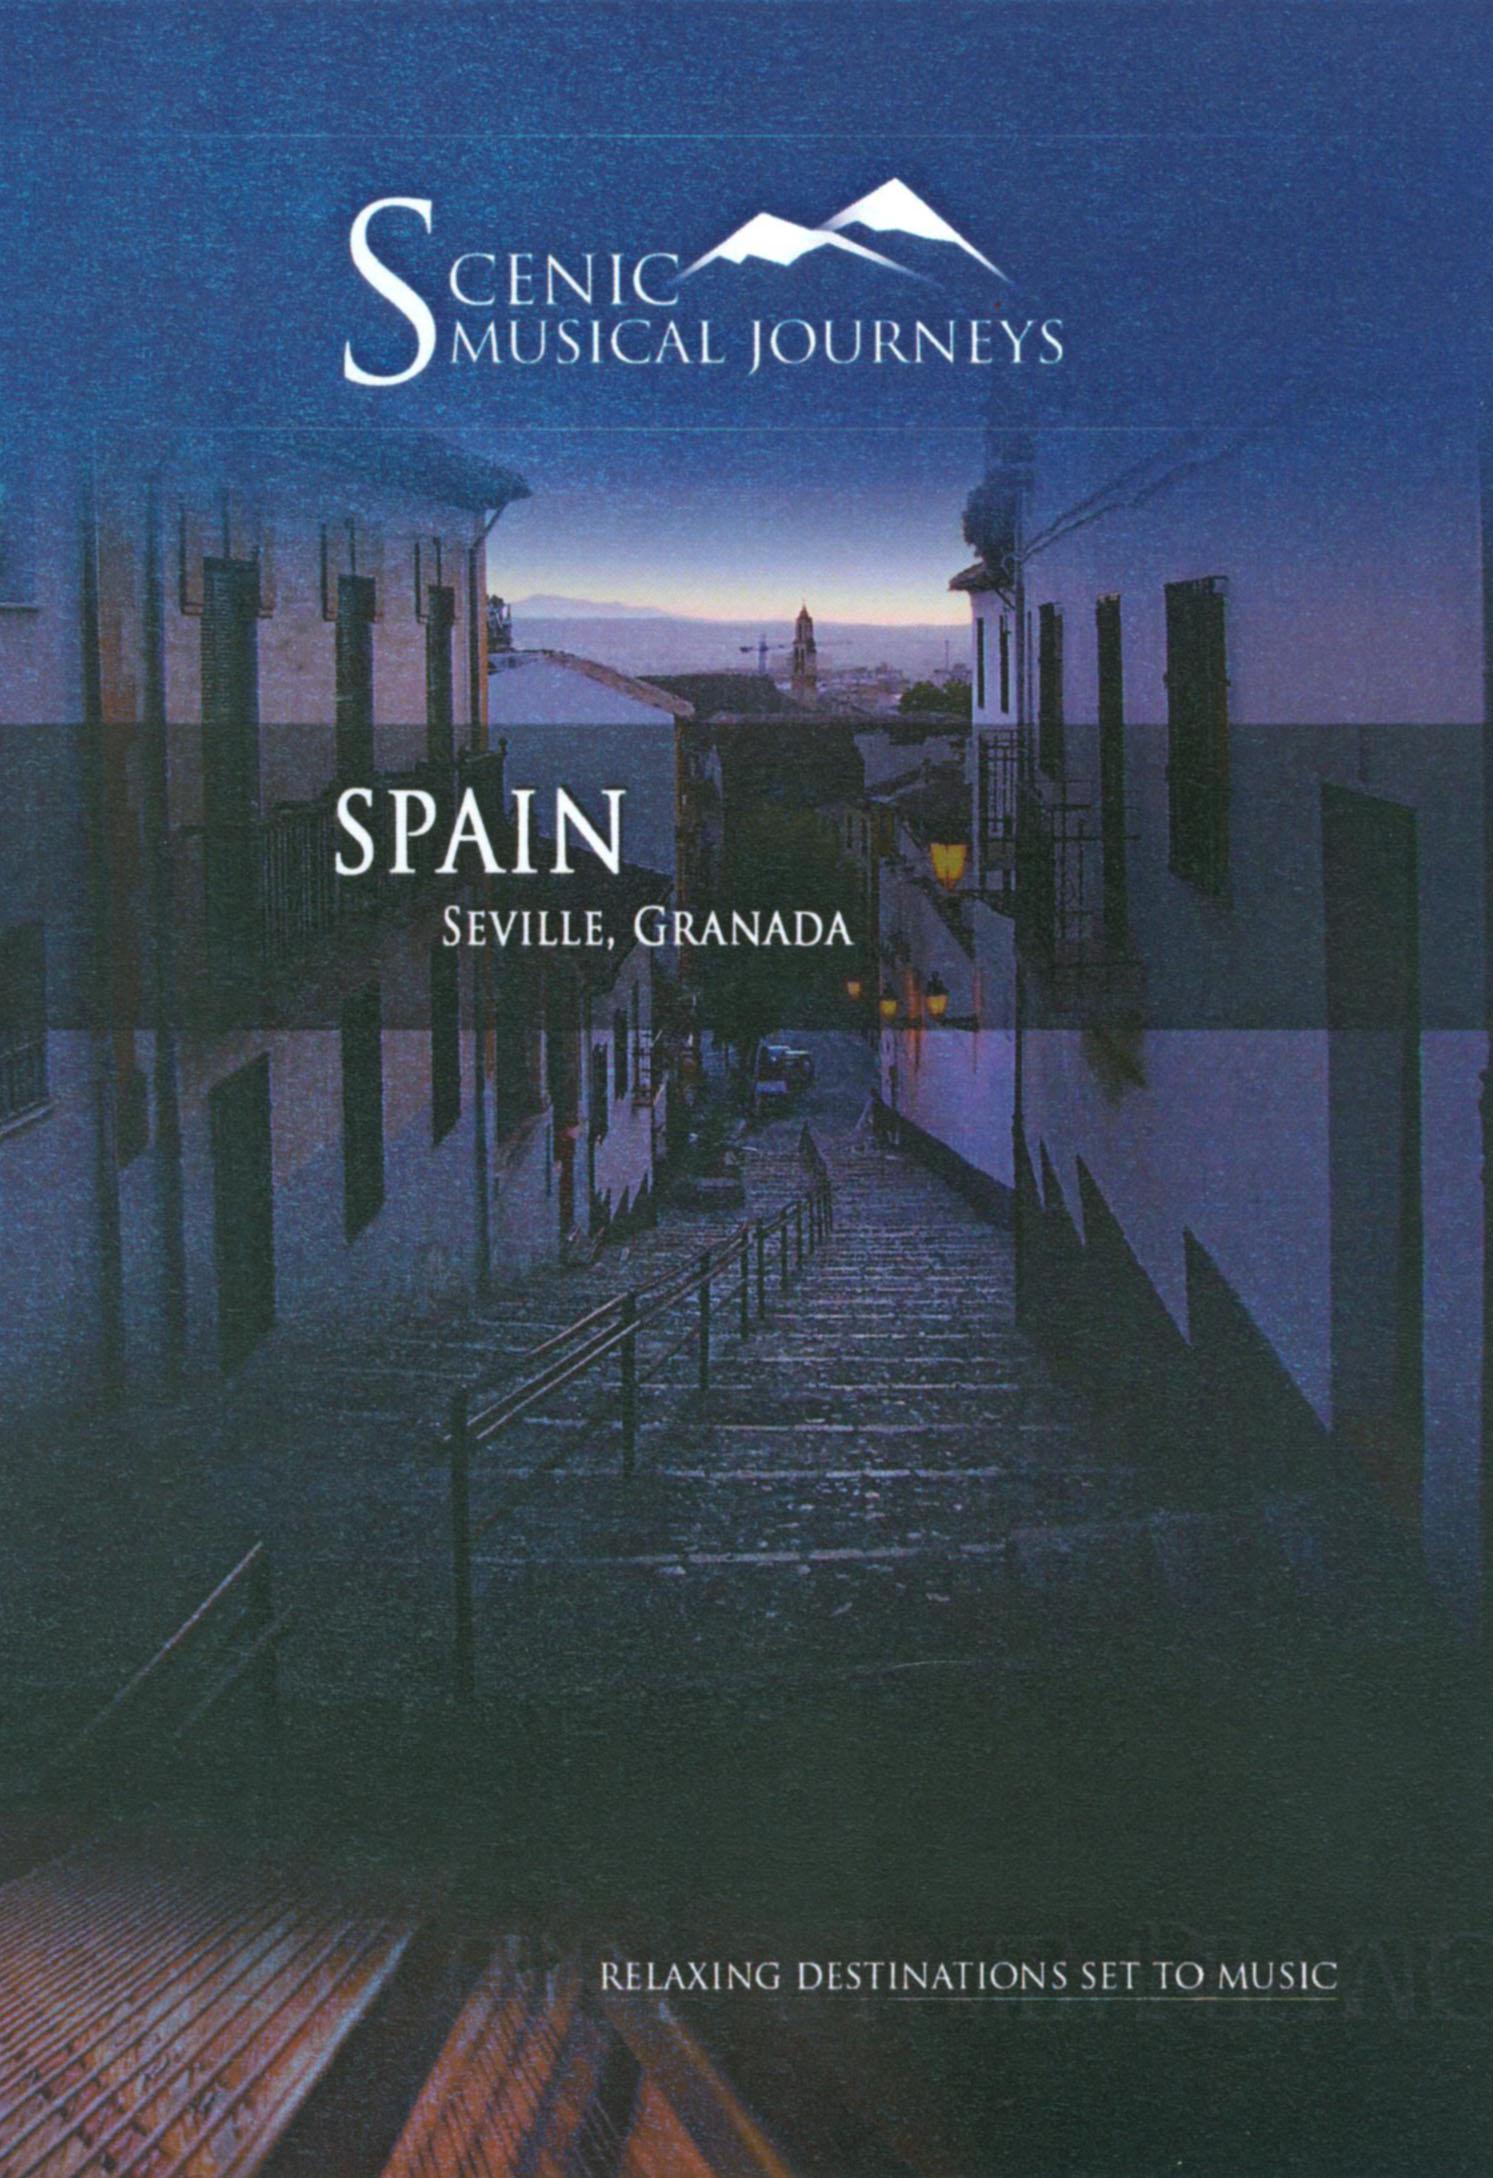 Scenic Musical Journeys: Spain - Seville, Granada